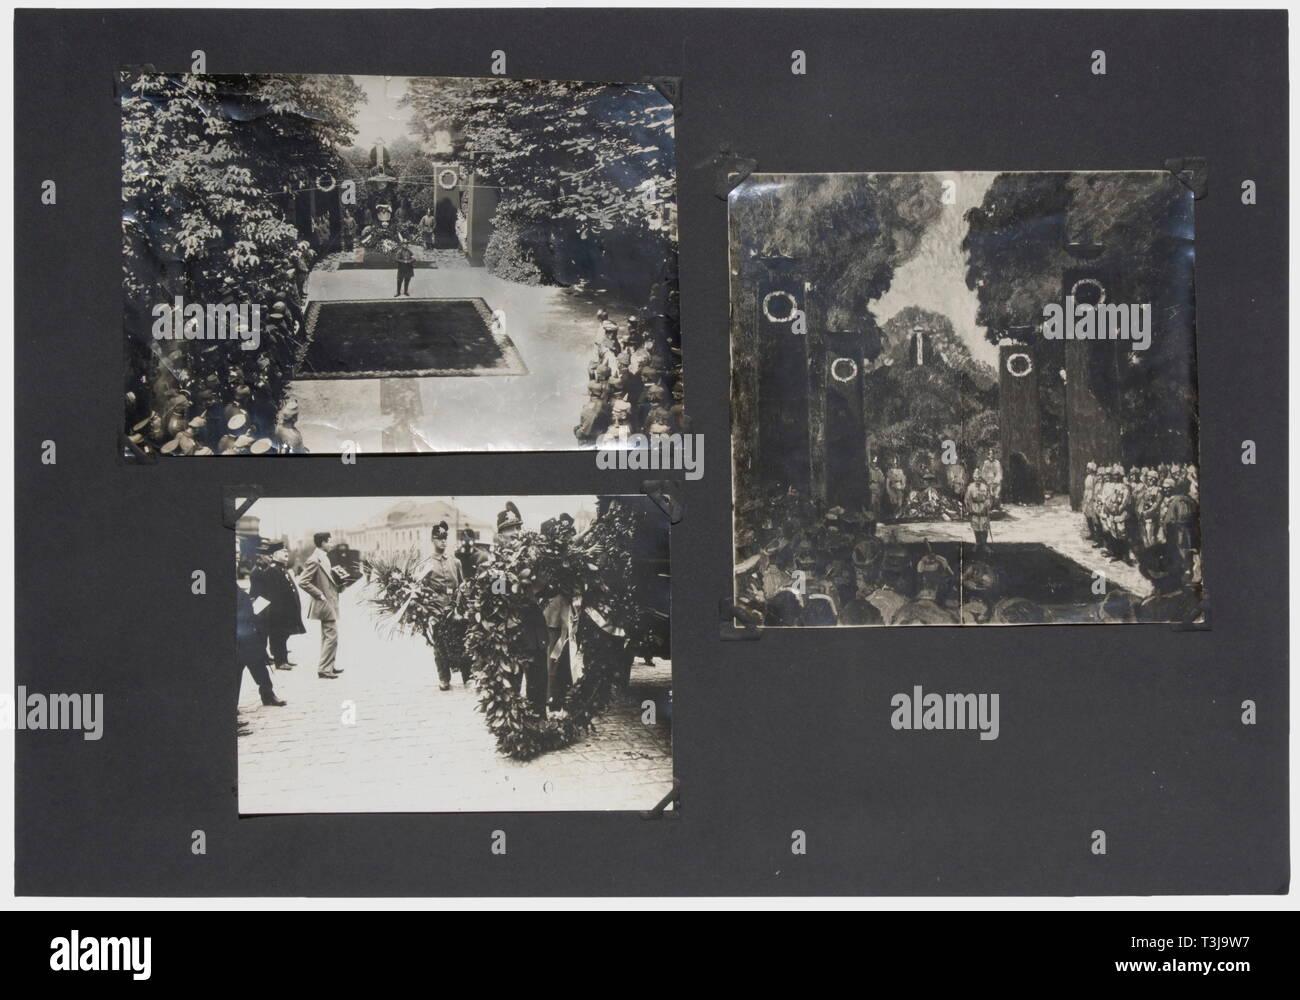 Premier Lieutenant Max Immelmann (1890 - 1916), une documentation complète sur son accident et les funérailles du héros en juin 1916 12 photos (en partie double) de son avion wreck et 17 grandes photos de l'arrivée de son cercueil de Douai à Dresde, mère et sa soeur à la gare, le cortège funèbre à Dresde, le crématoire municipal, Immelmann en chapelle ardente à l'Tolkewitz culumbarium. Aussi plusieurs coupures, partiellement la nouvelle de son accident, traitant en partie avec sa mort en général et partiellement obituaries et rapports bof, No-Exclusive Editorial-Use-Utilisation   seule Banque D'Images